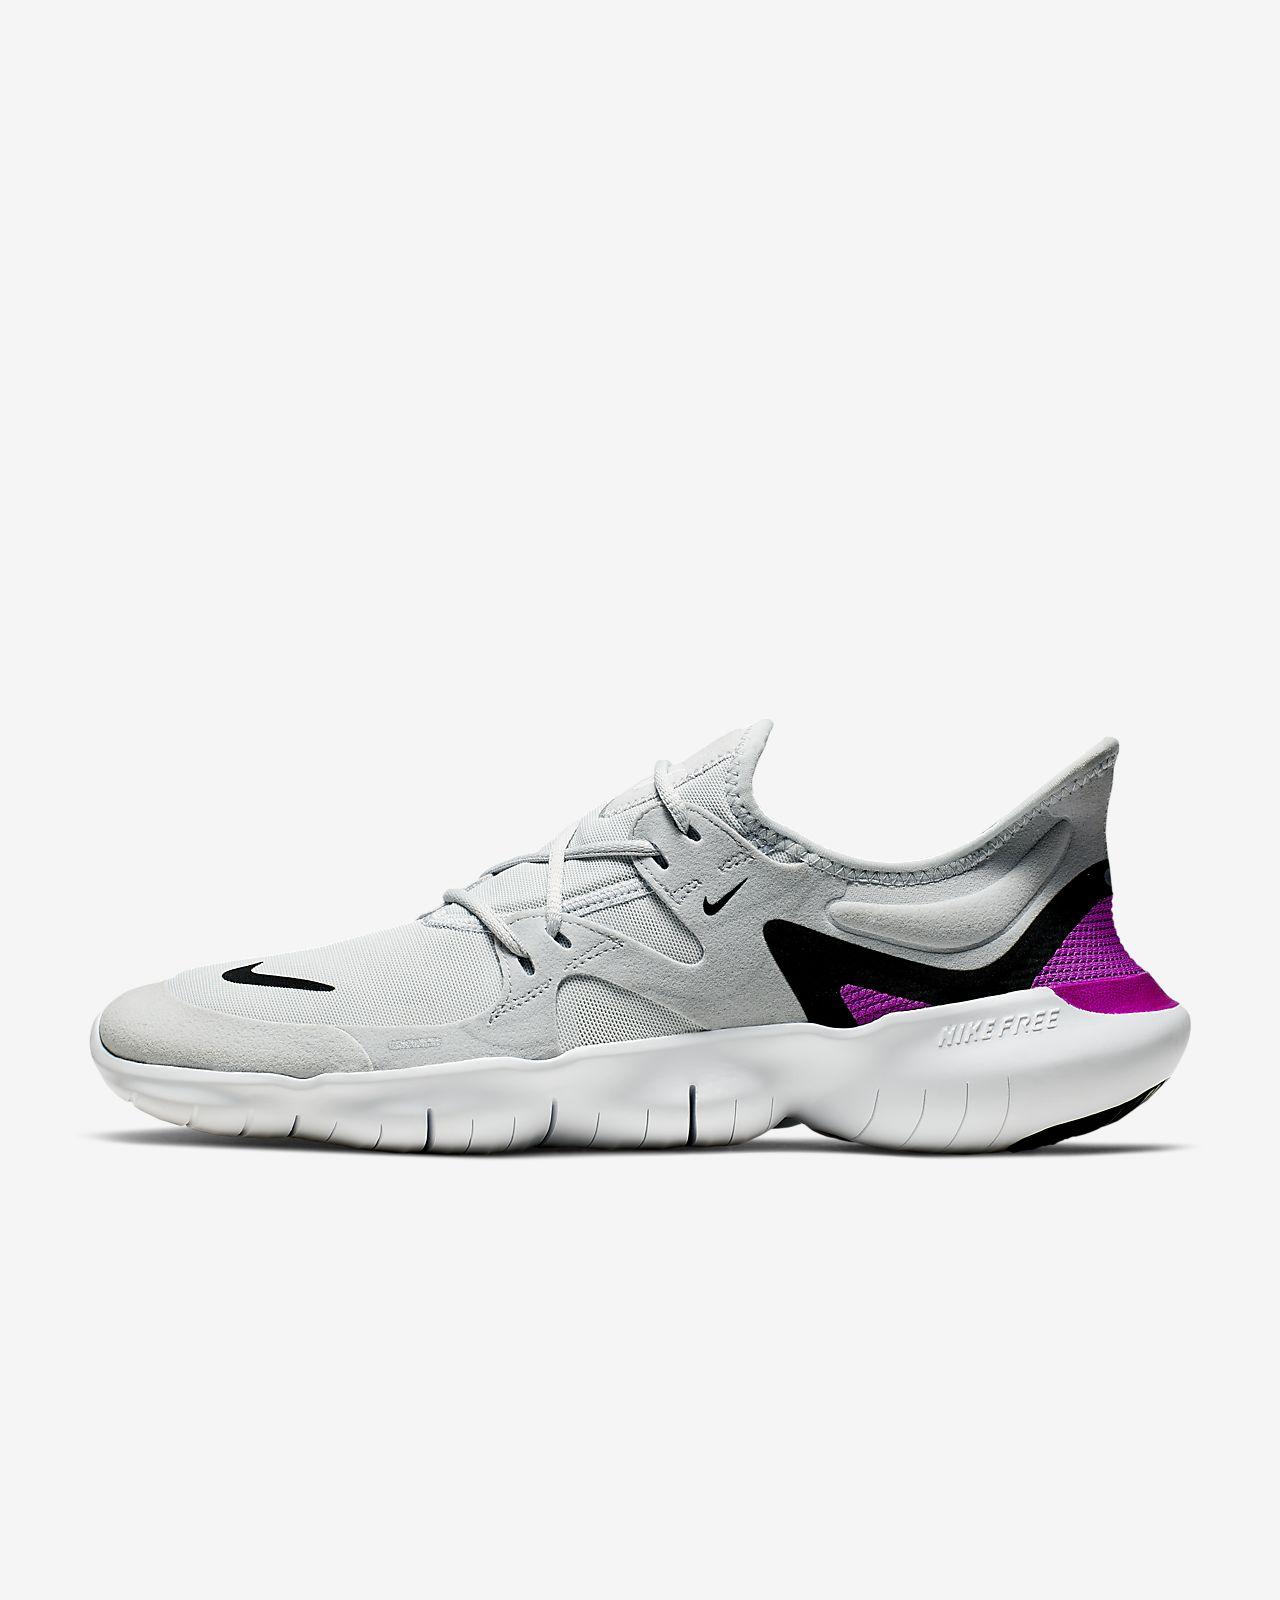 aliexpress kupować tanio tanie z rabatem Męskie buty do biegania Nike Free RN 5.0